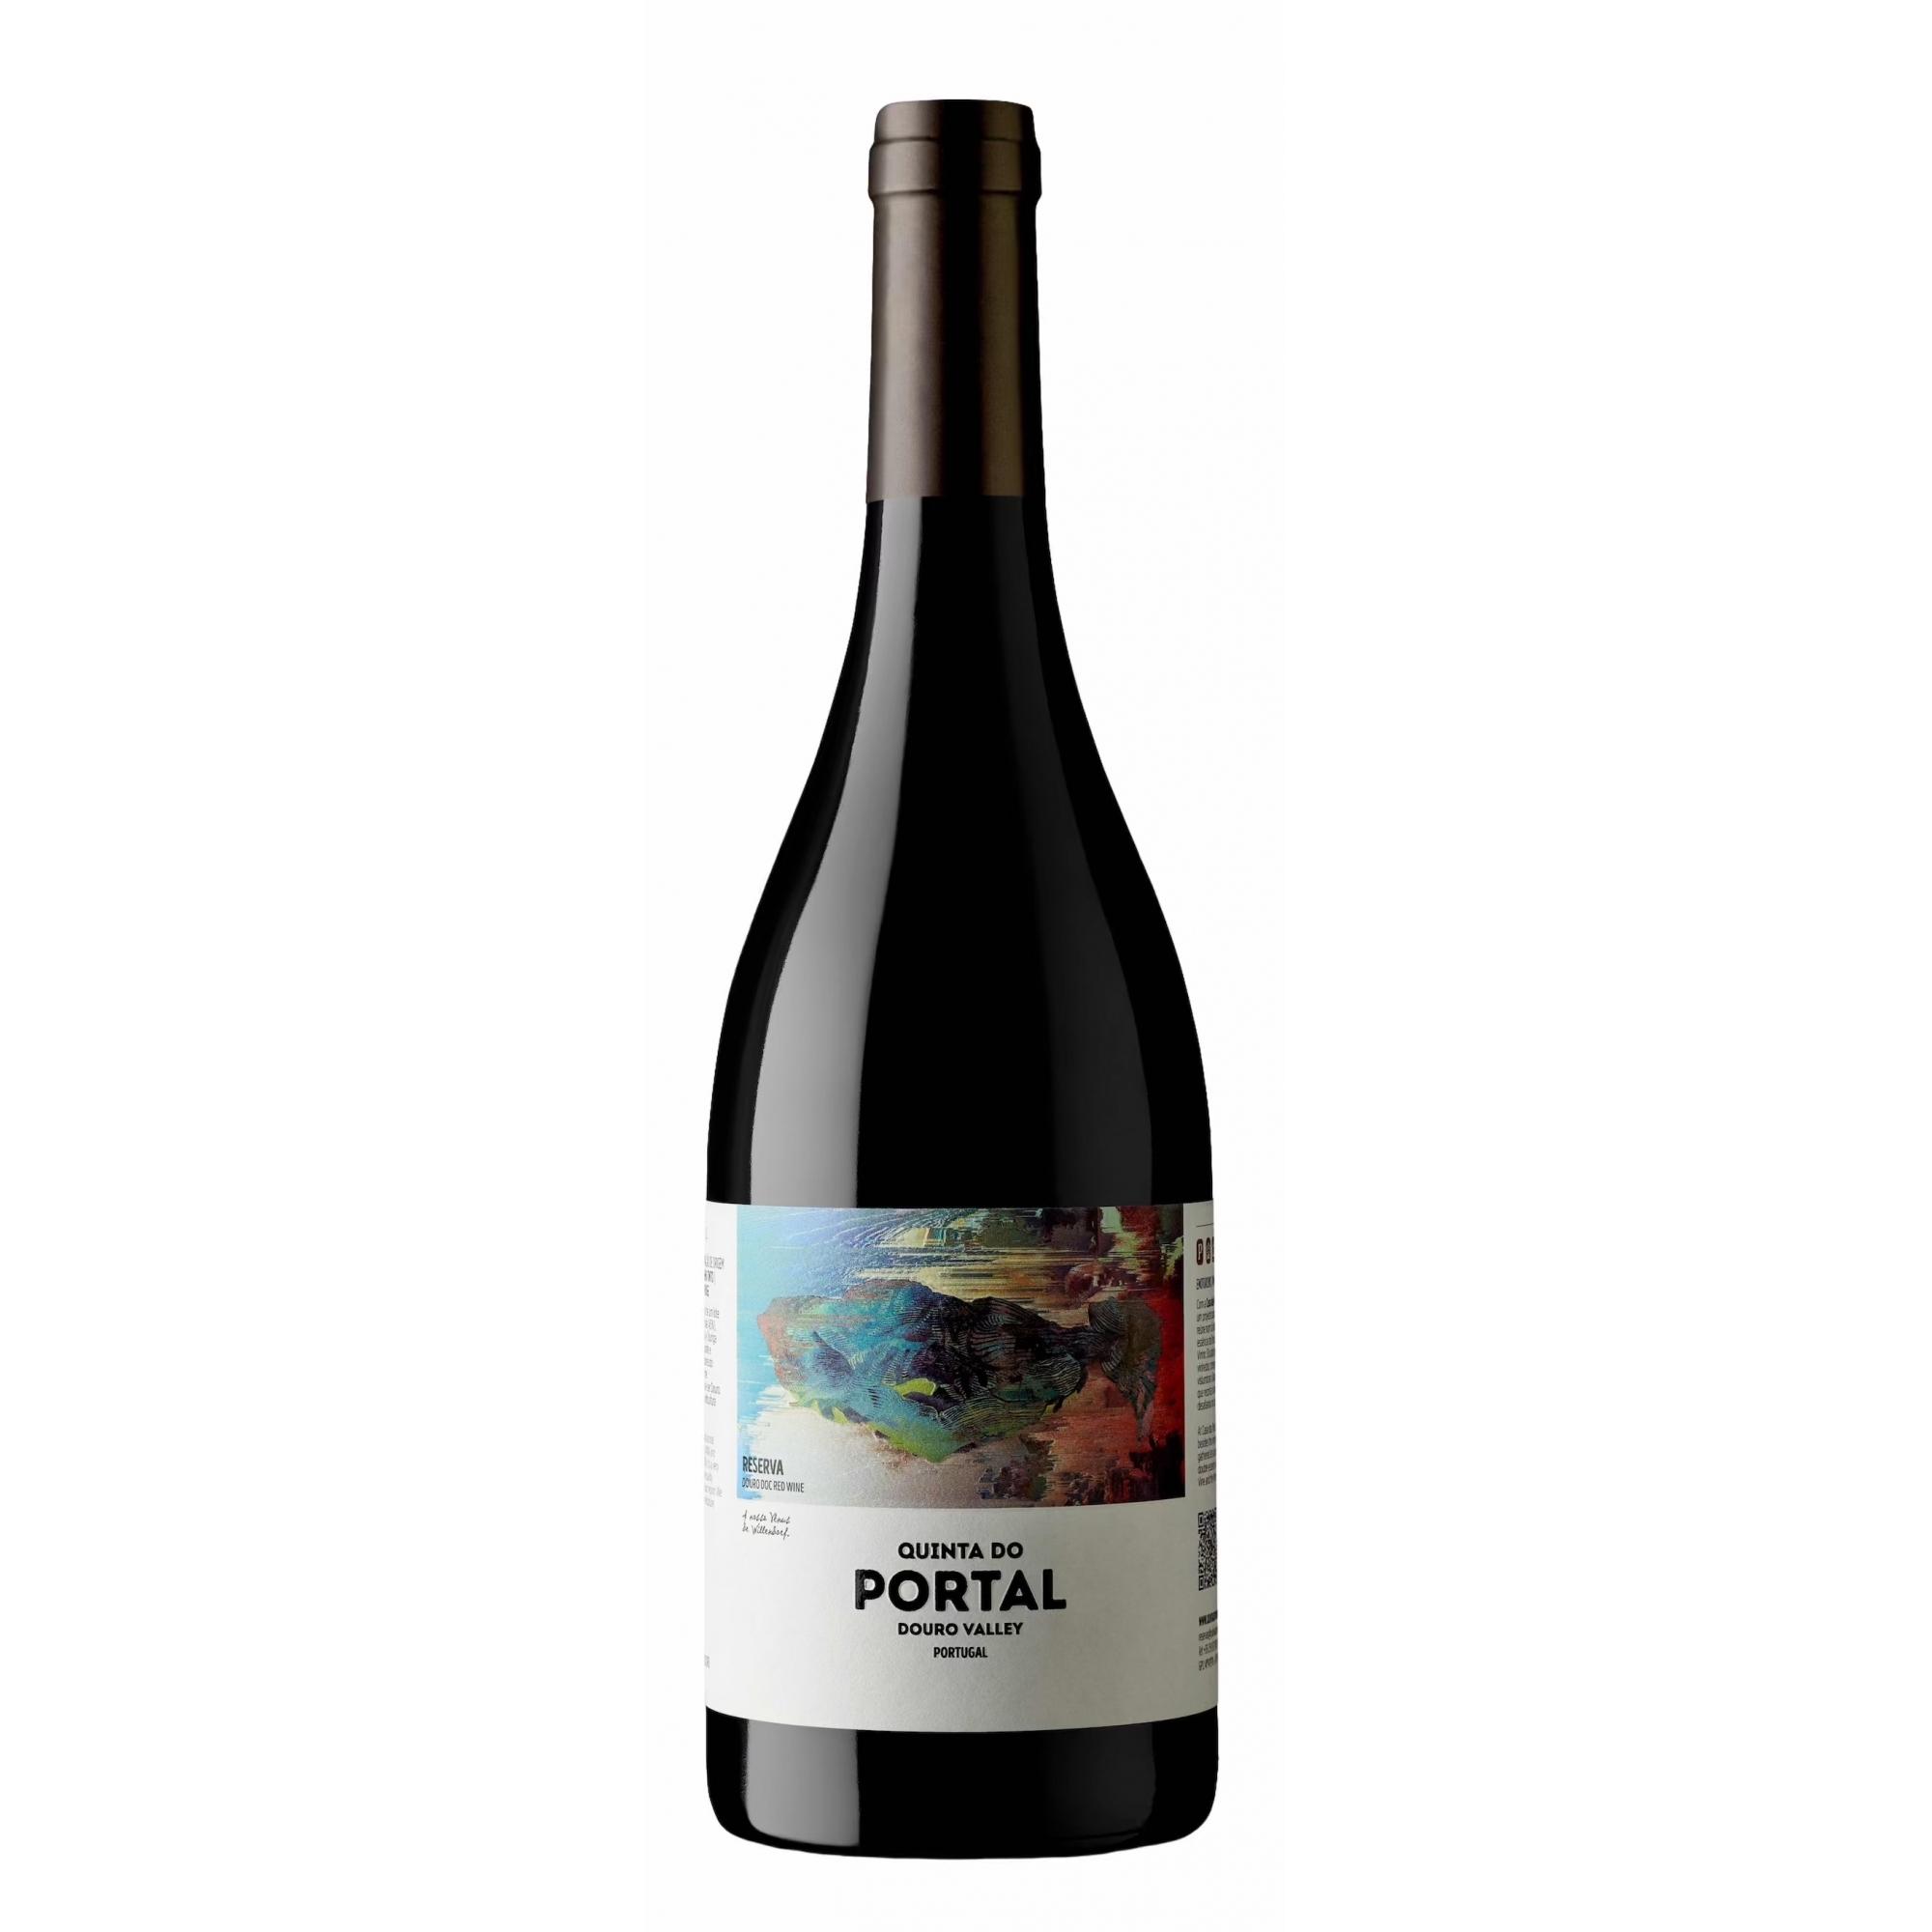 Vinho Tinto Quinta do Portal Douro Valley Colheita 750mL  - ADEGA FARRET